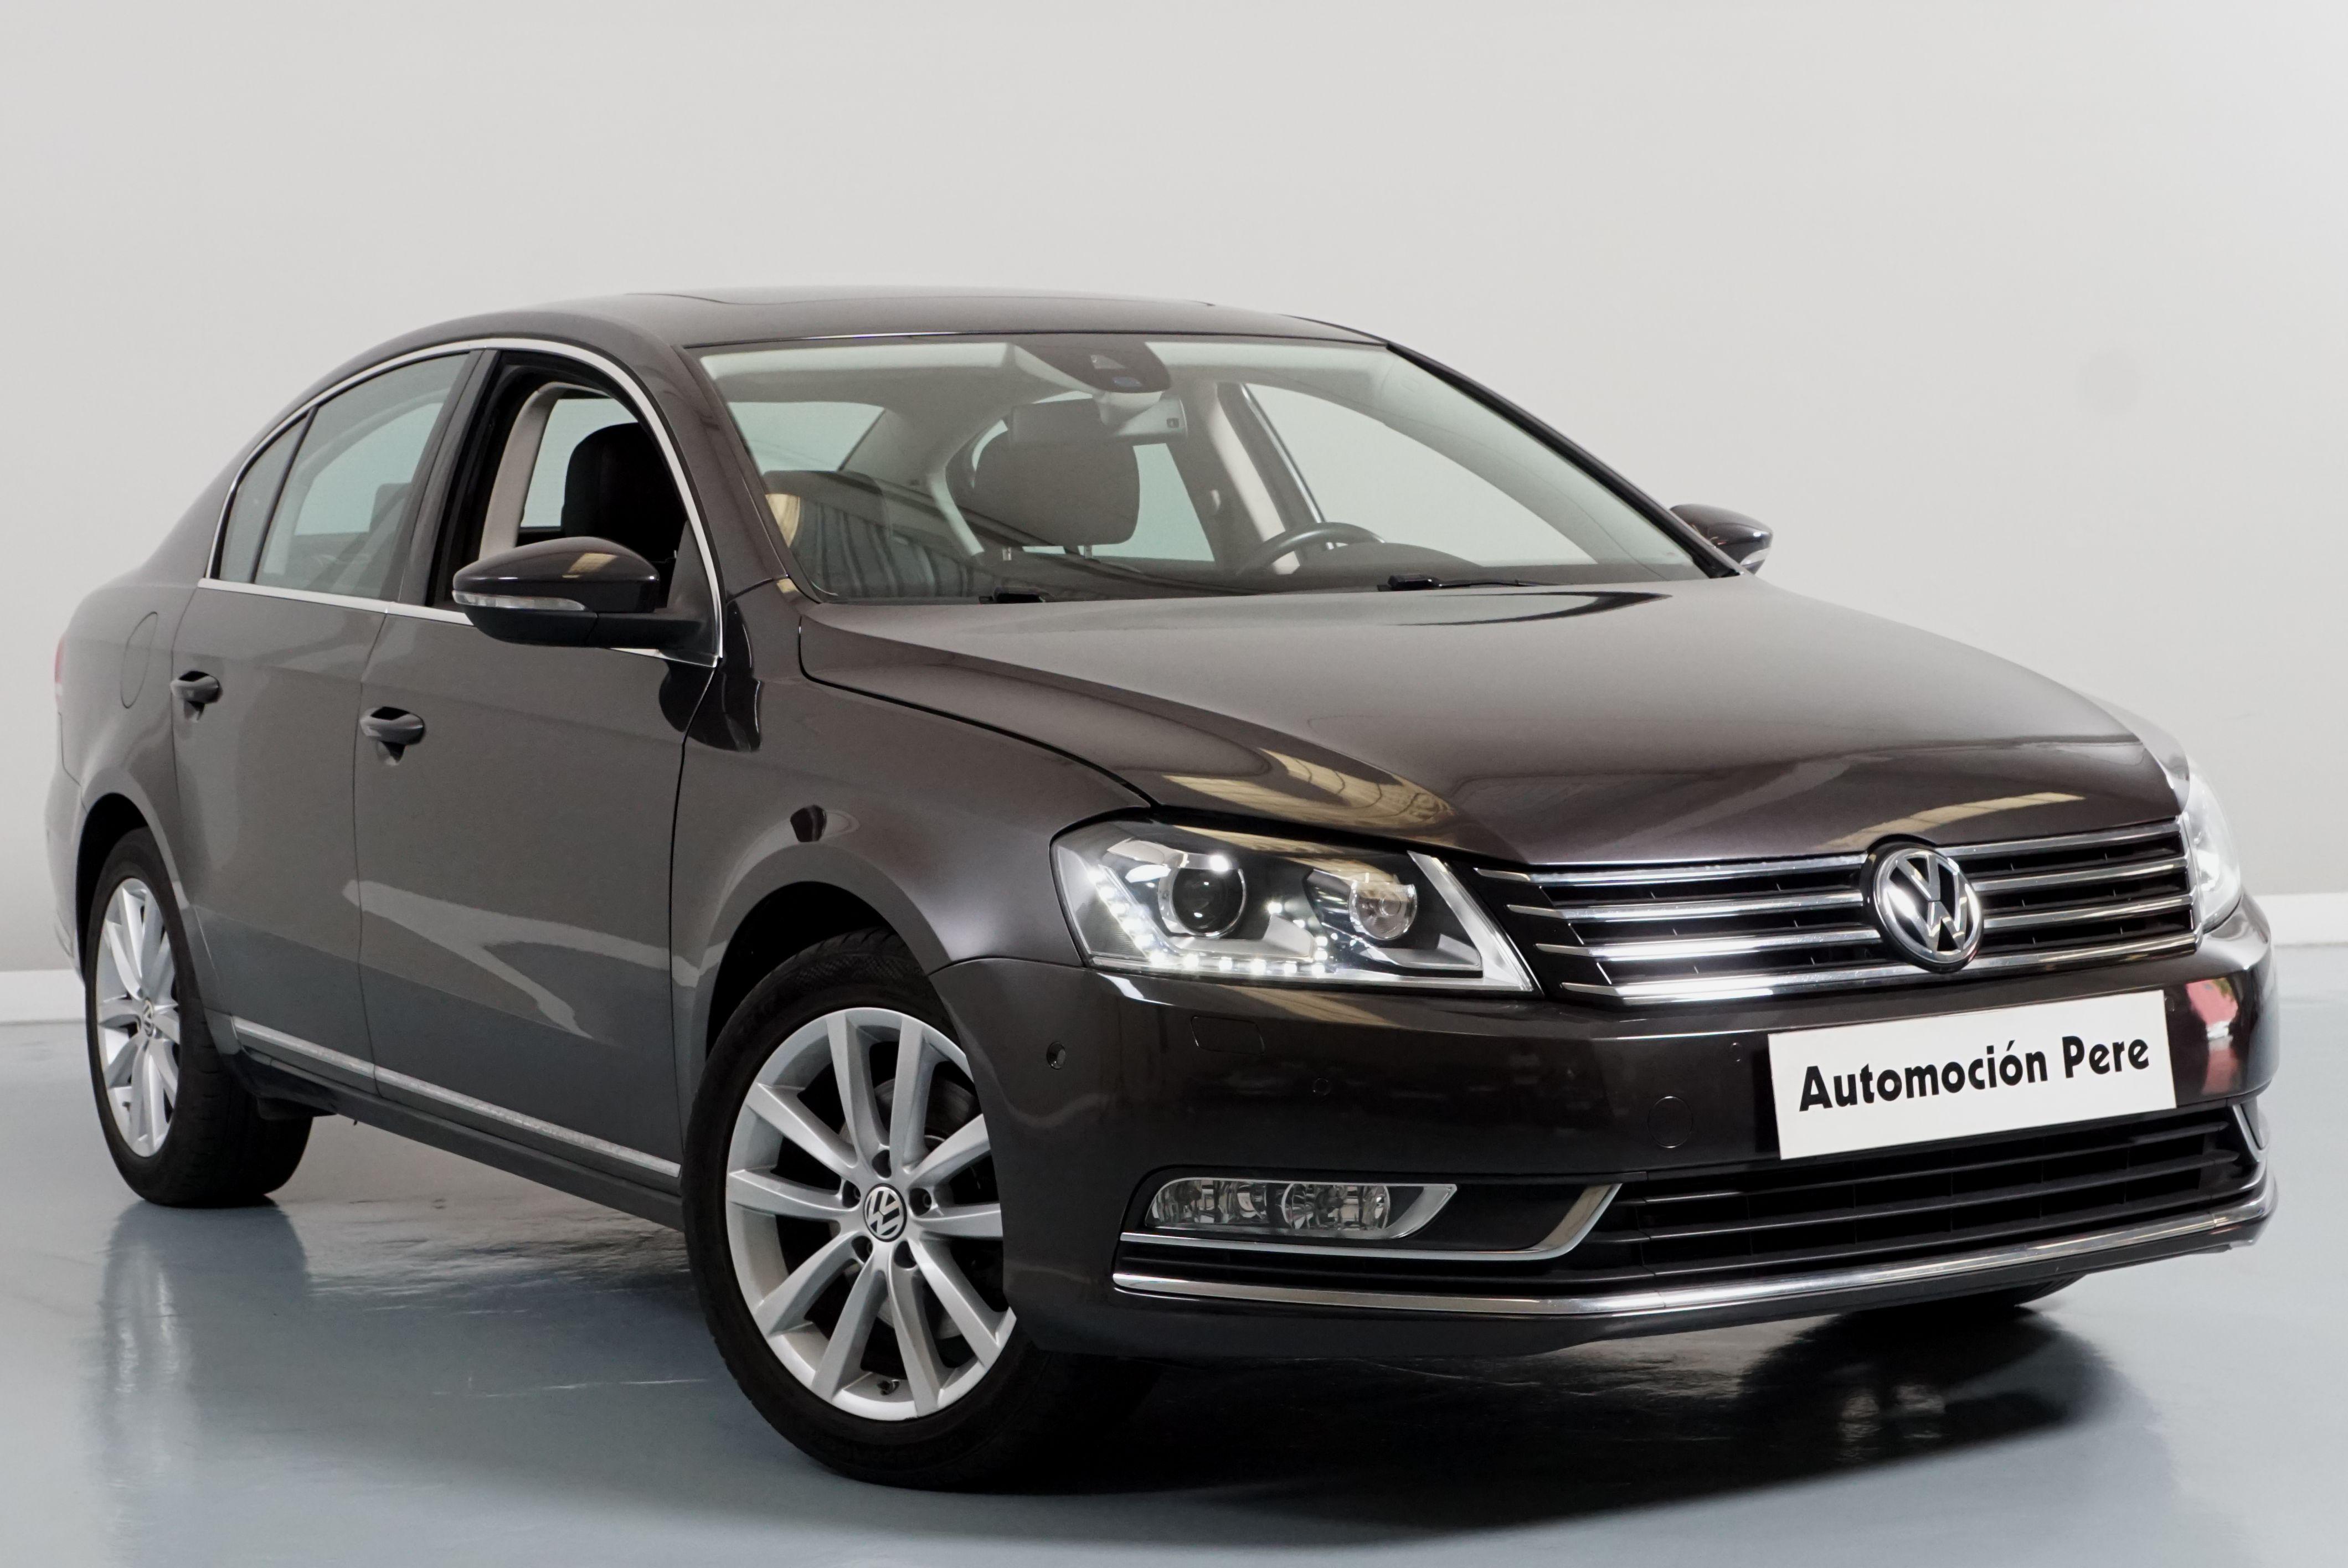 Volkswagen Passat 2.0 TDI 140CV 6 Vel. Highline BlueMotion. Pocos Kms, Revisiones Selladas. Equipado!